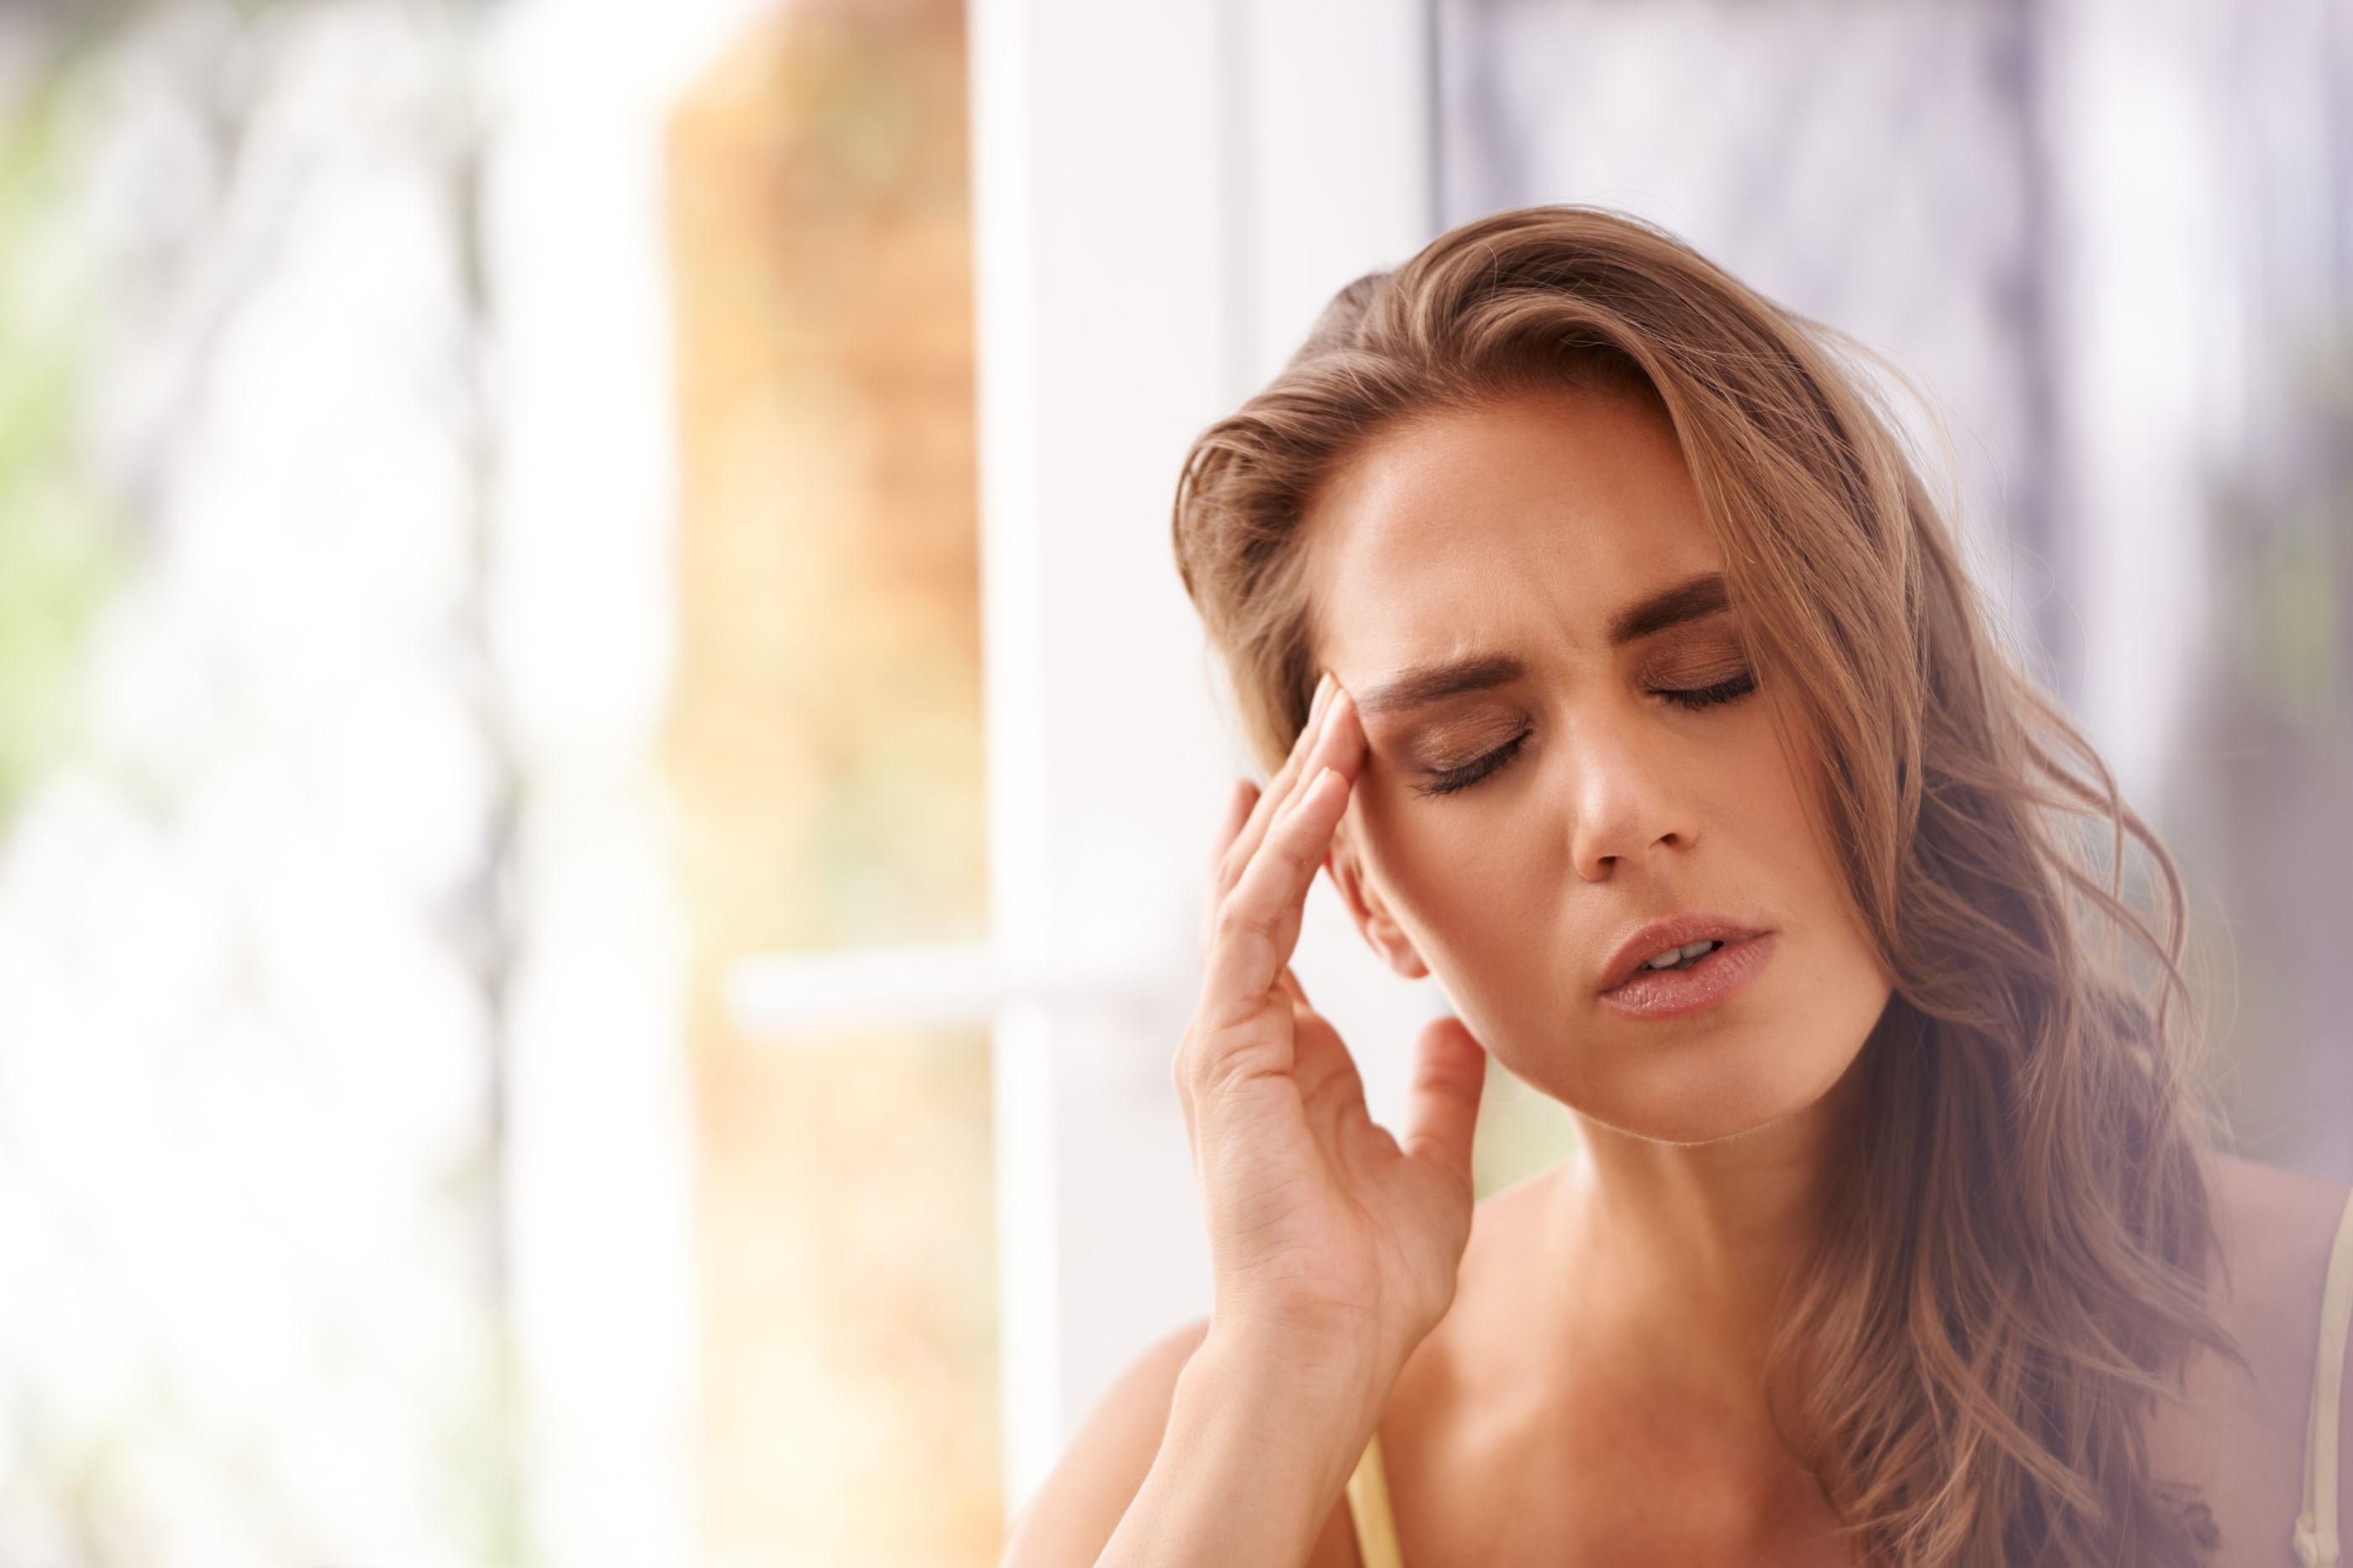 Dor de cabeça depois de comer não é coincidência. Entenda a relação